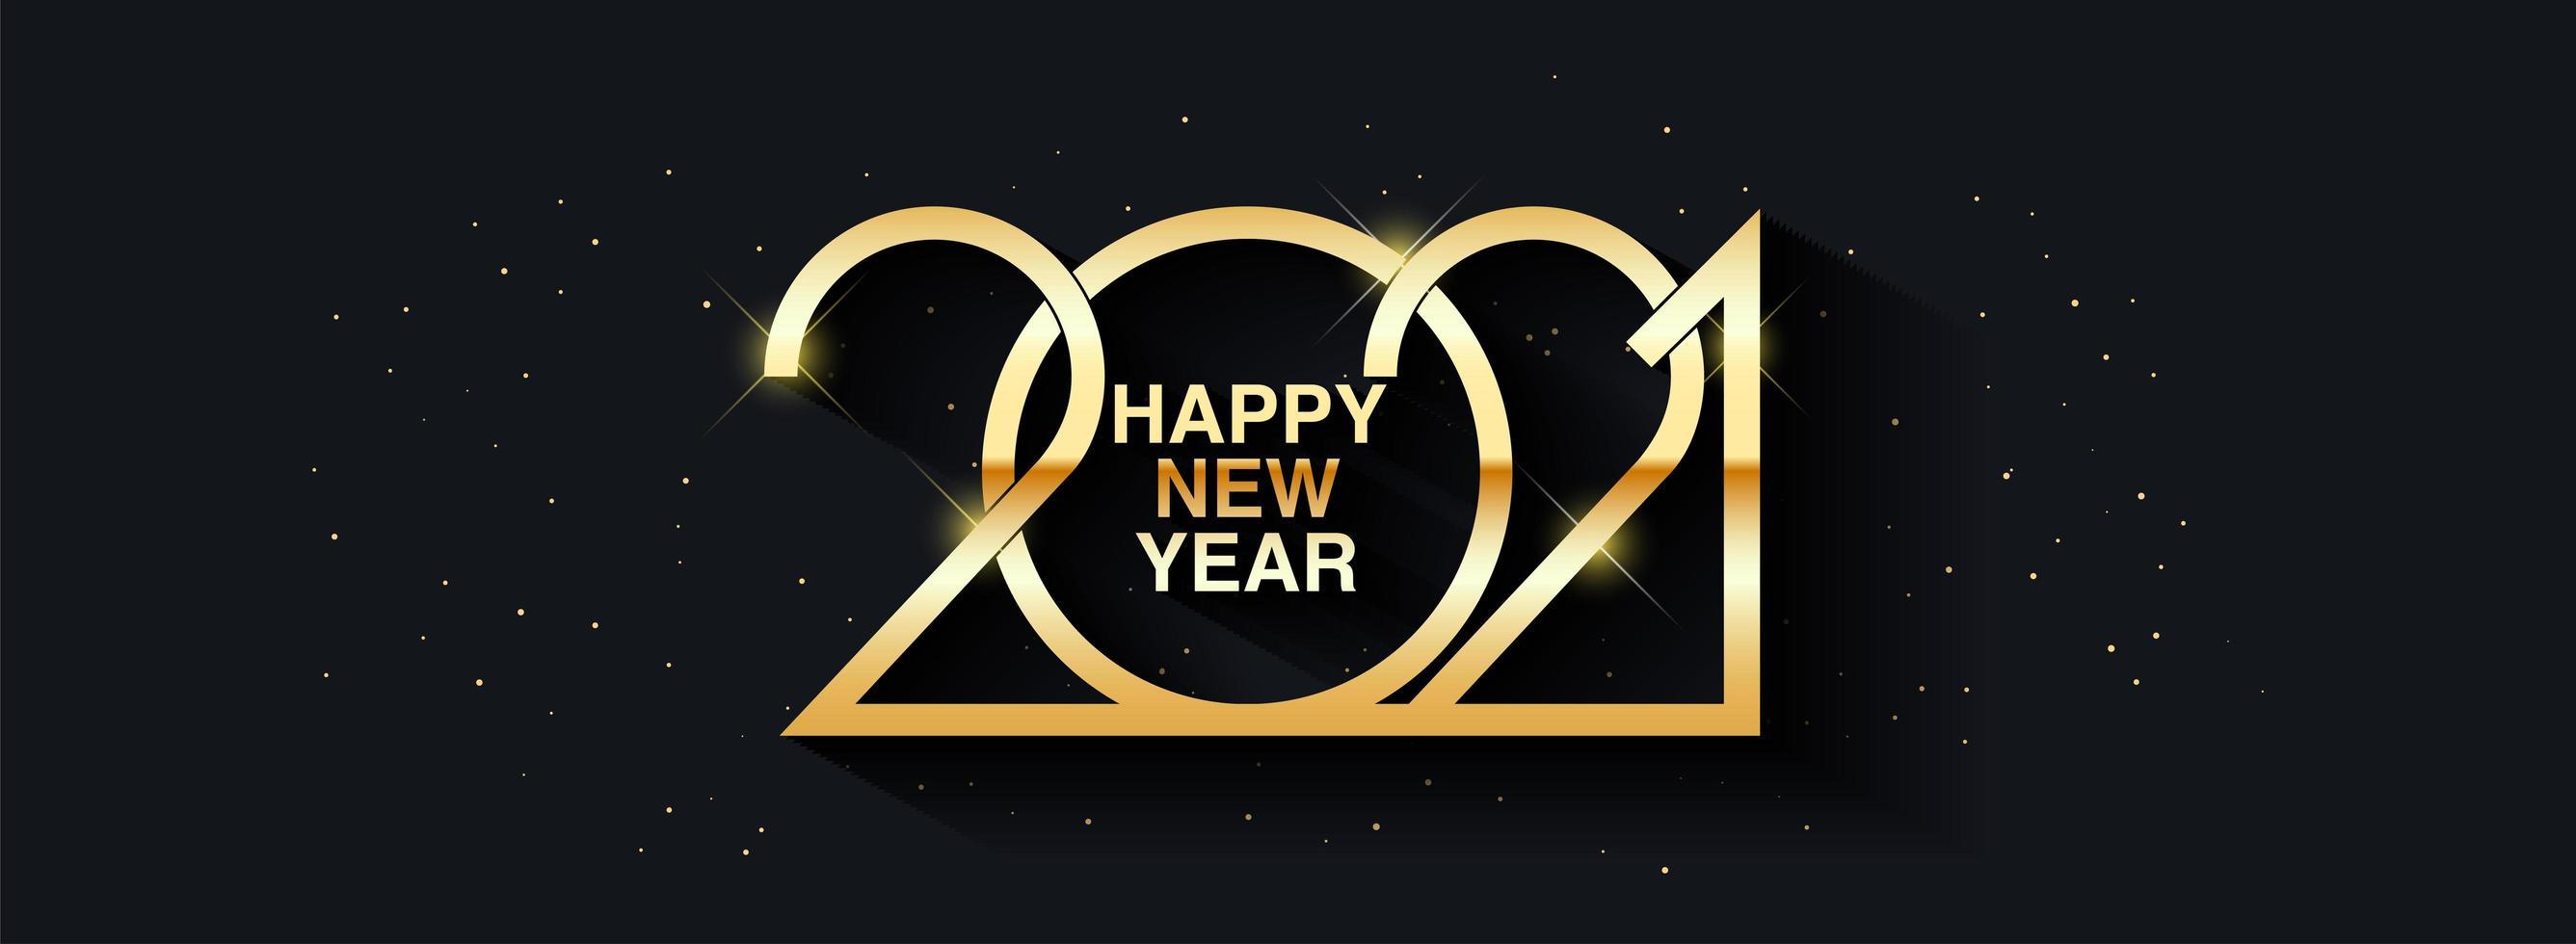 Frohes neues Jahr 2021 Textdesign. Vektorgrußillustration mit goldenen Zahlen. vektor